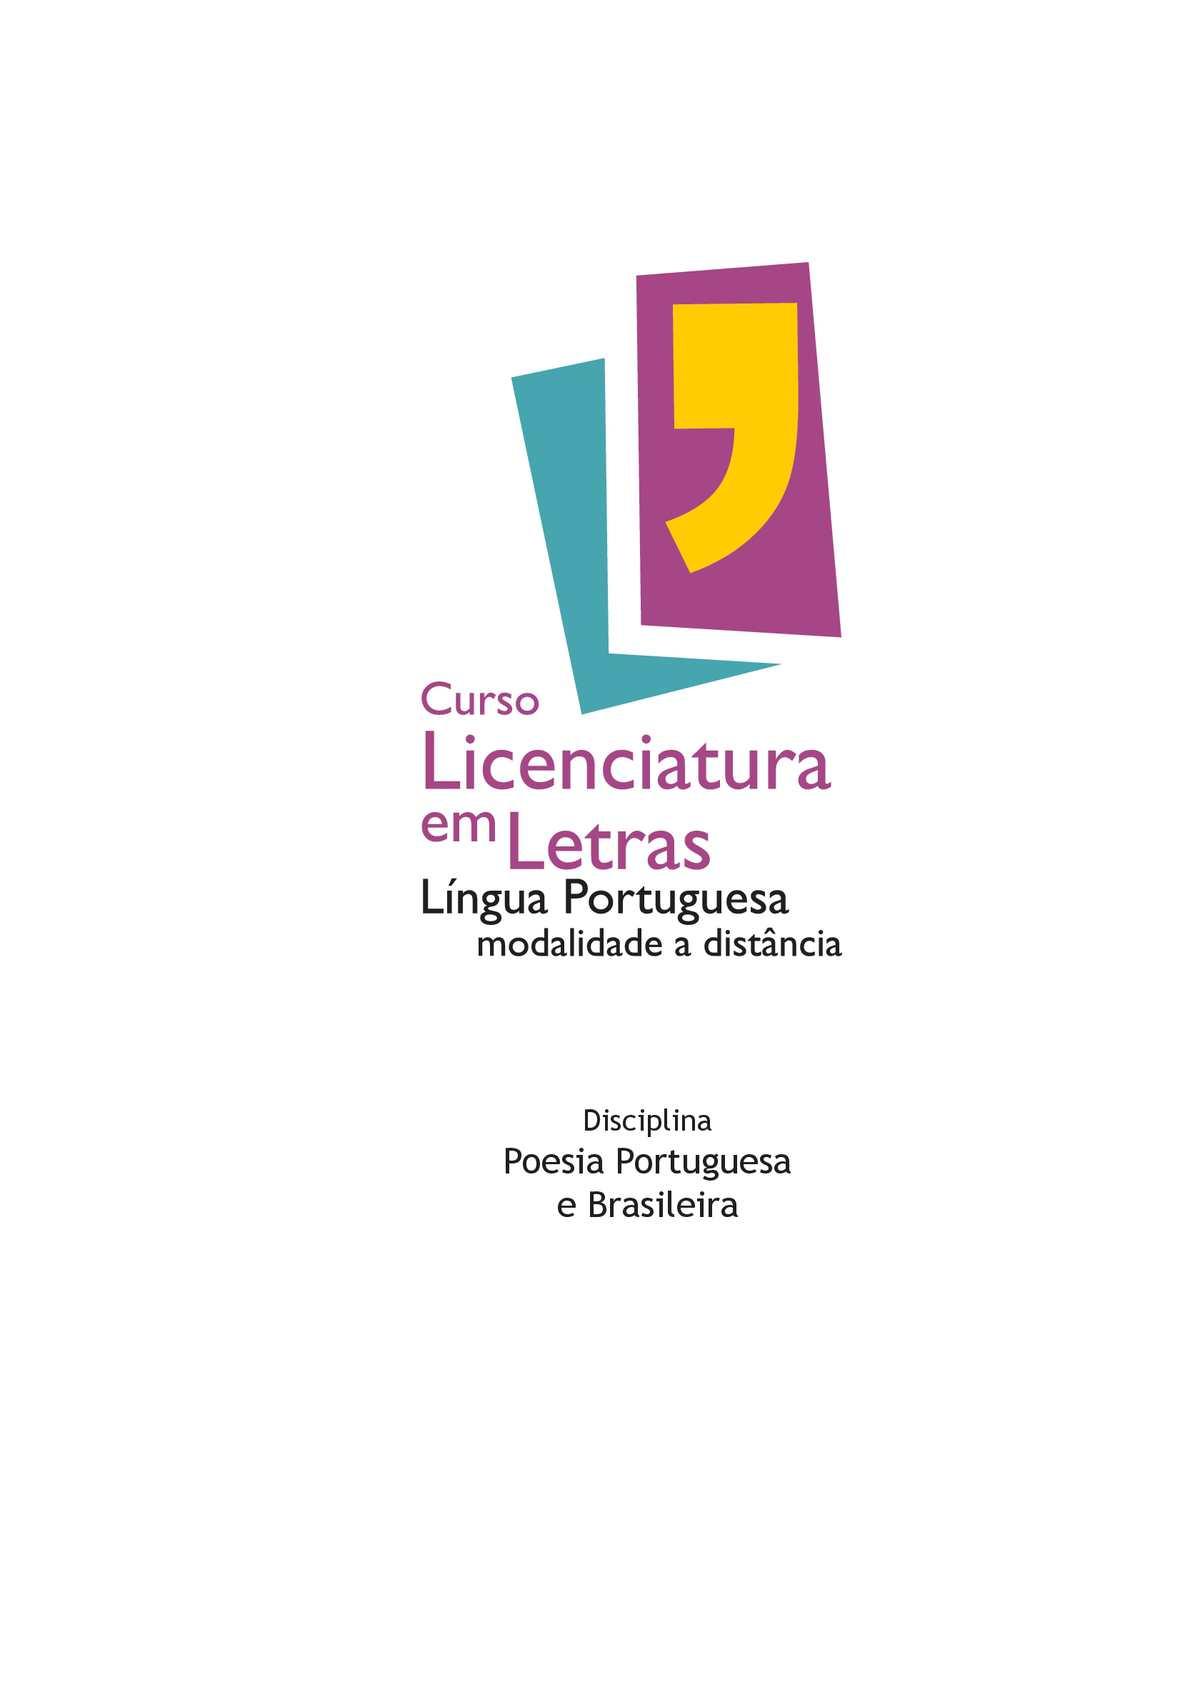 4cc71f3dc Calaméo - Licenciatura em Letras - Lingua Portuguesa Modalidade a Distância  - Poesia Portuguesa e Brasileira